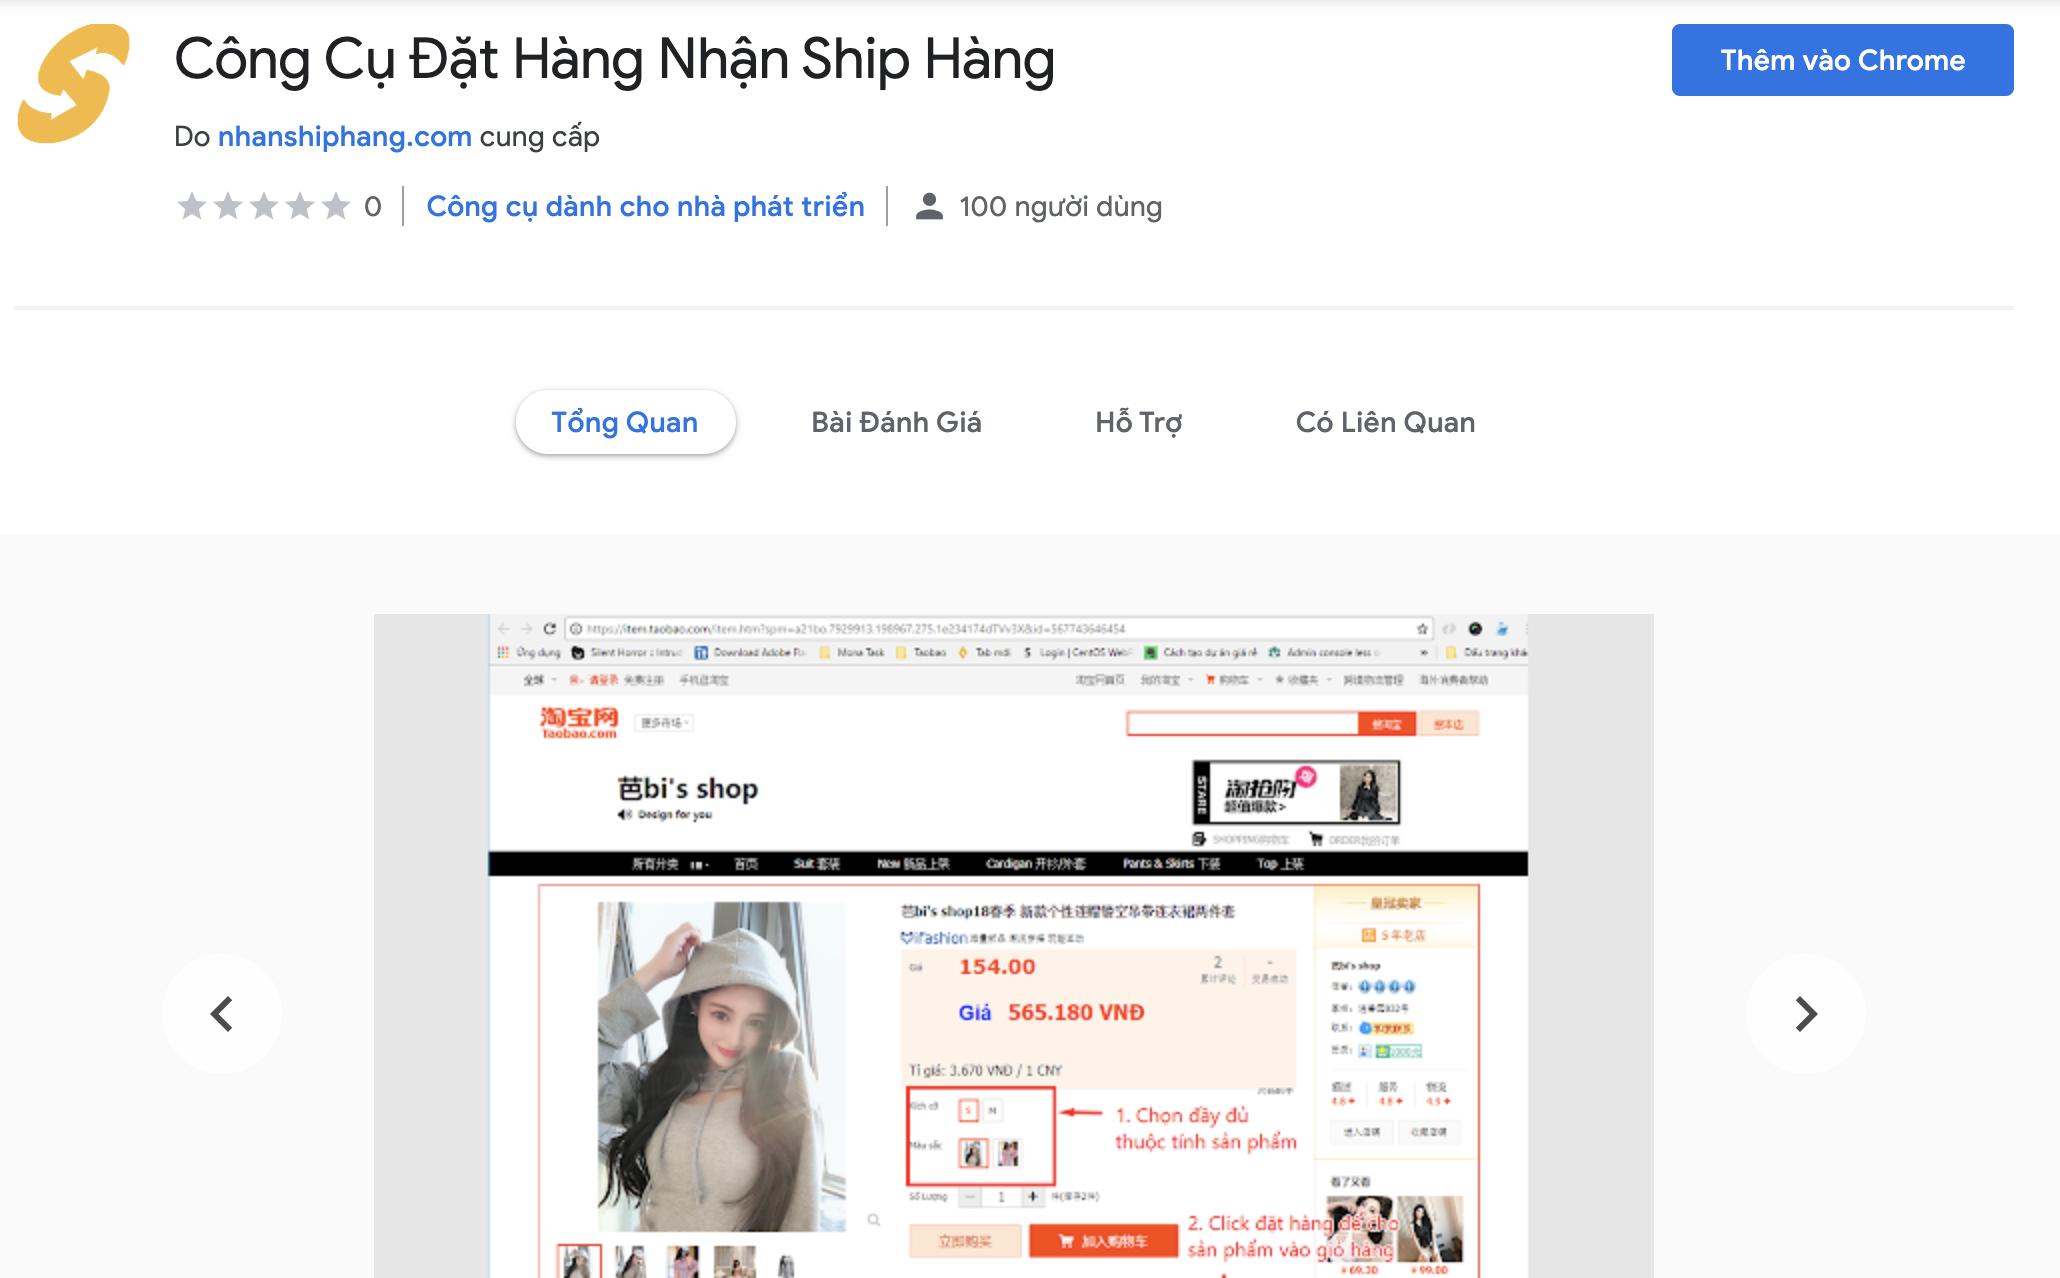 Đặt hàng hộ Trung Quốc Việt Nam addon